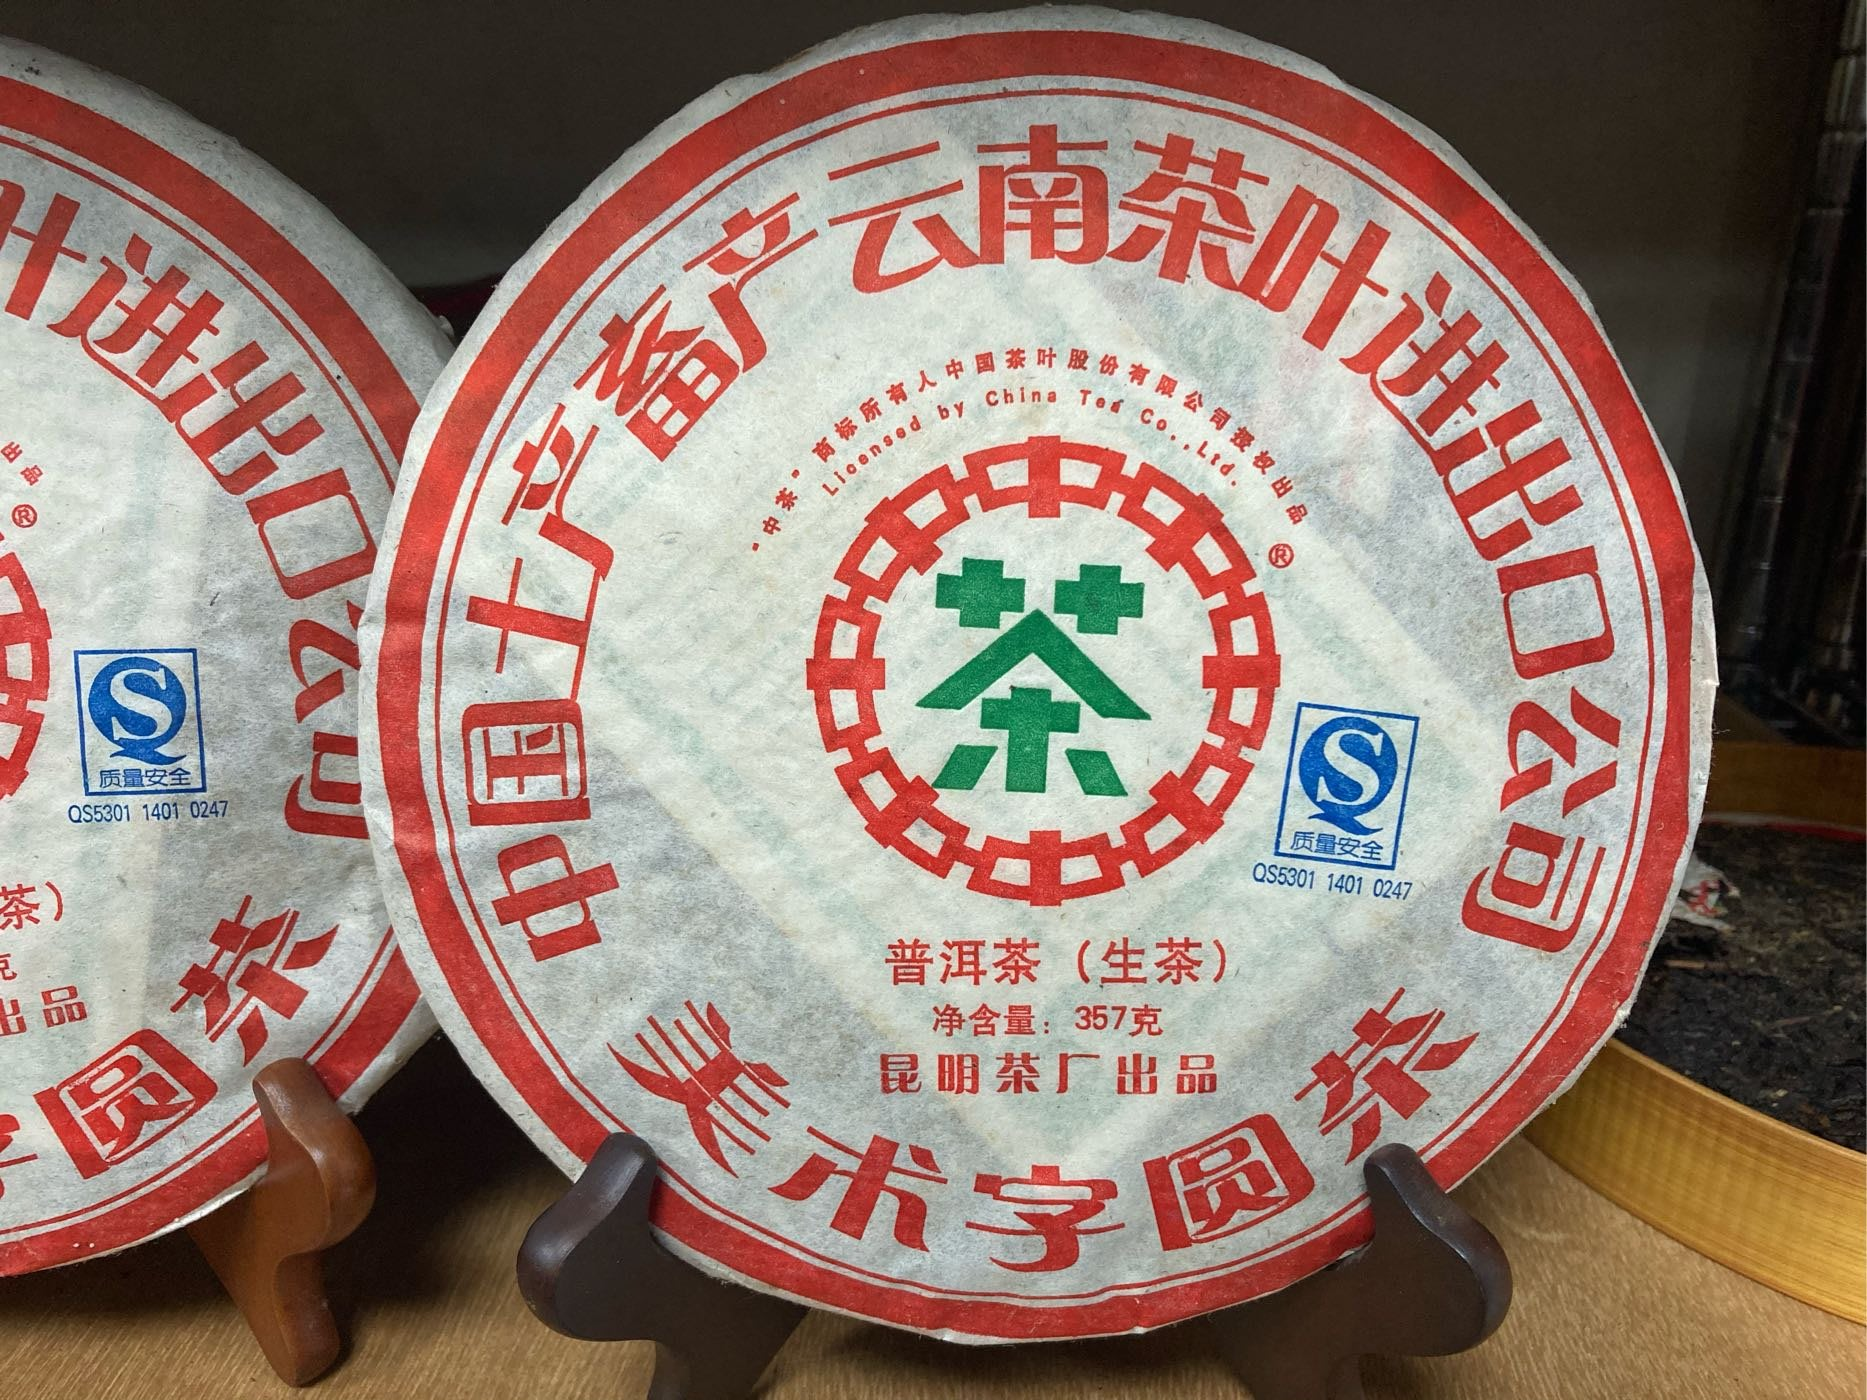 衝評特惠2007年中茶美術字圓茶